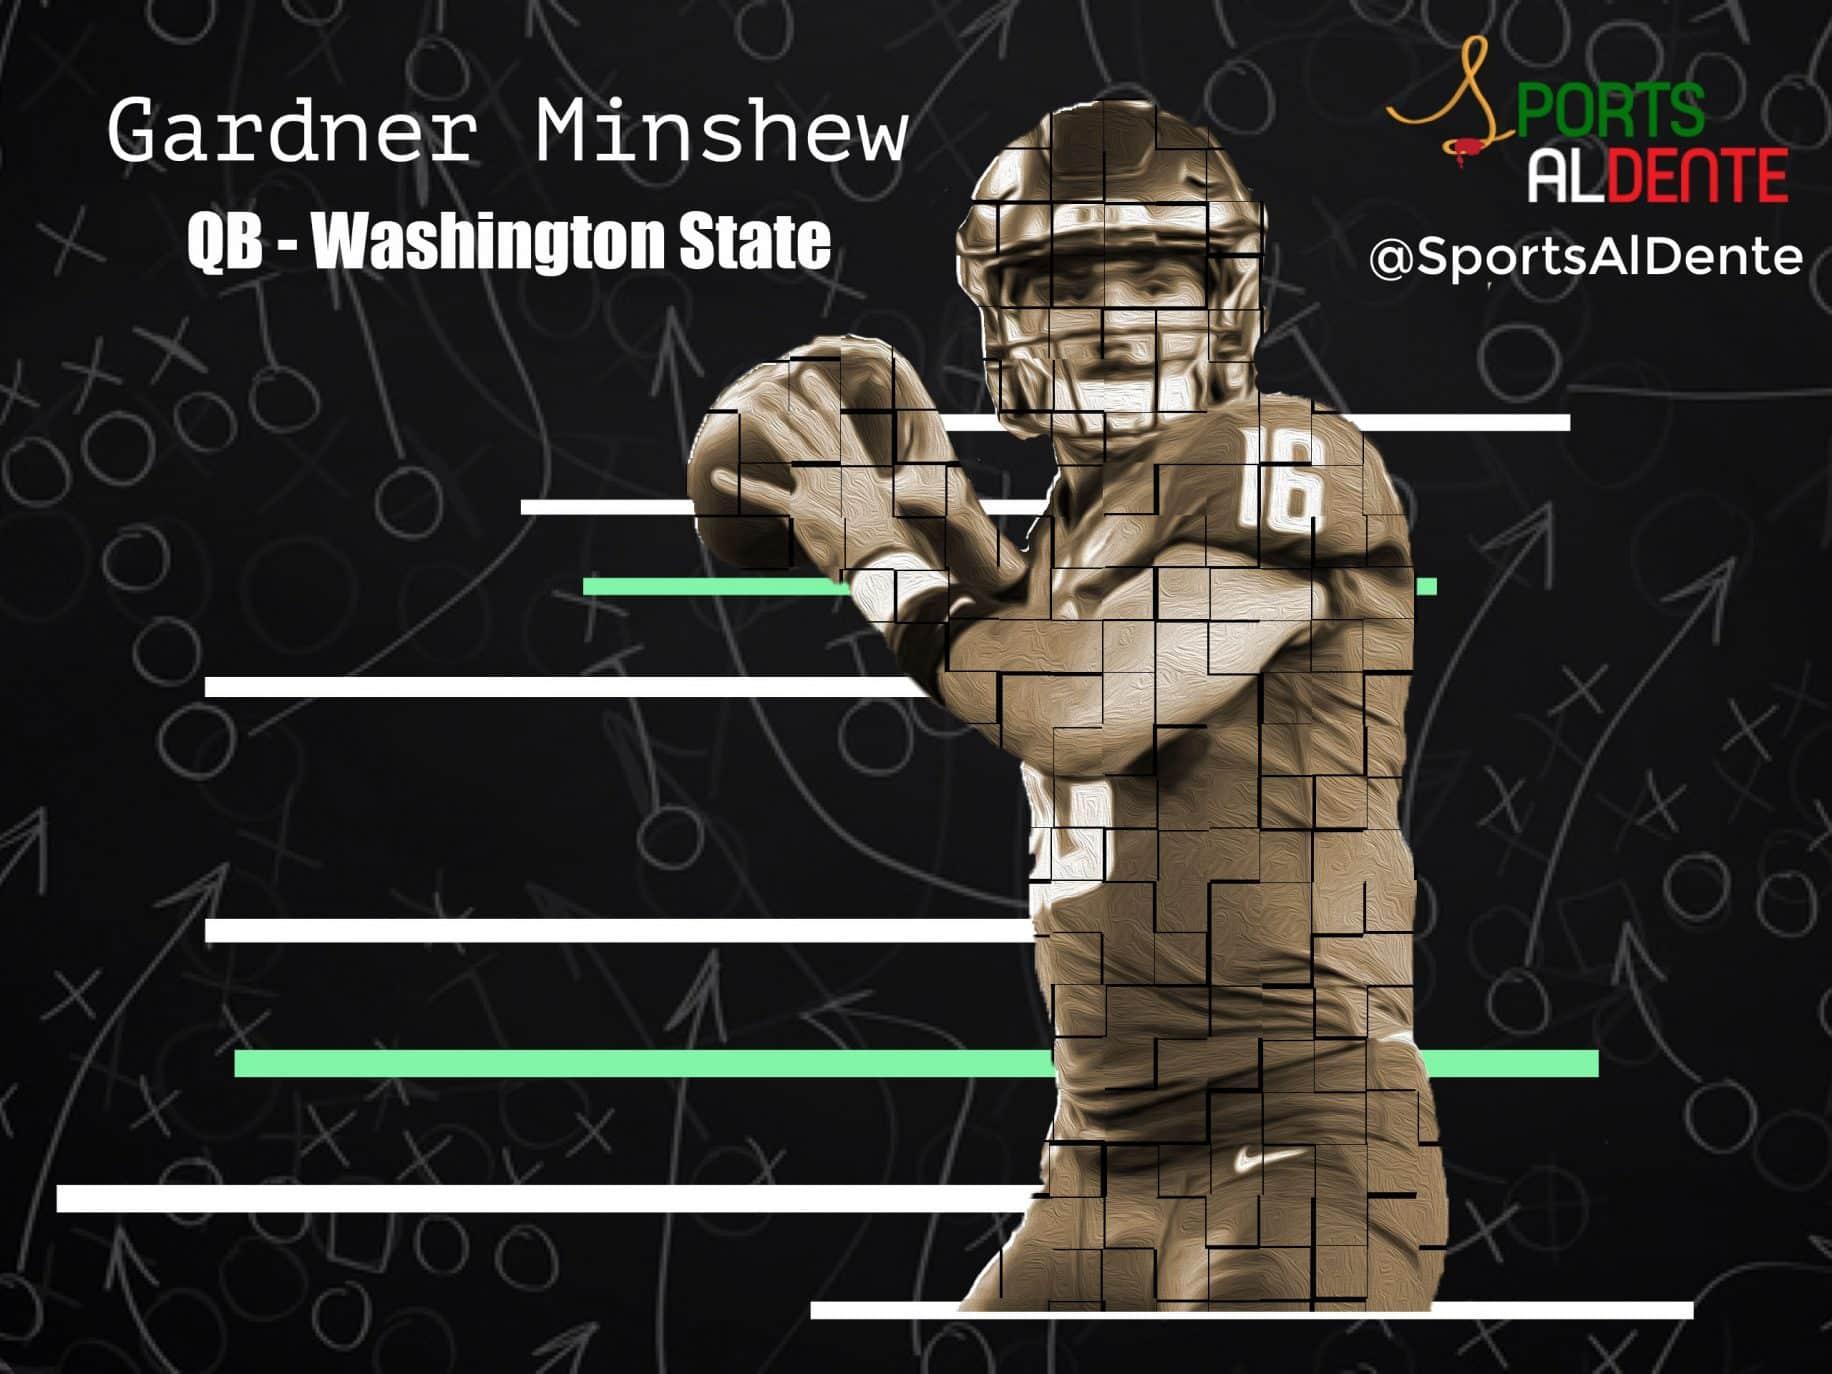 Gardner Minshew NFL Draft Profile